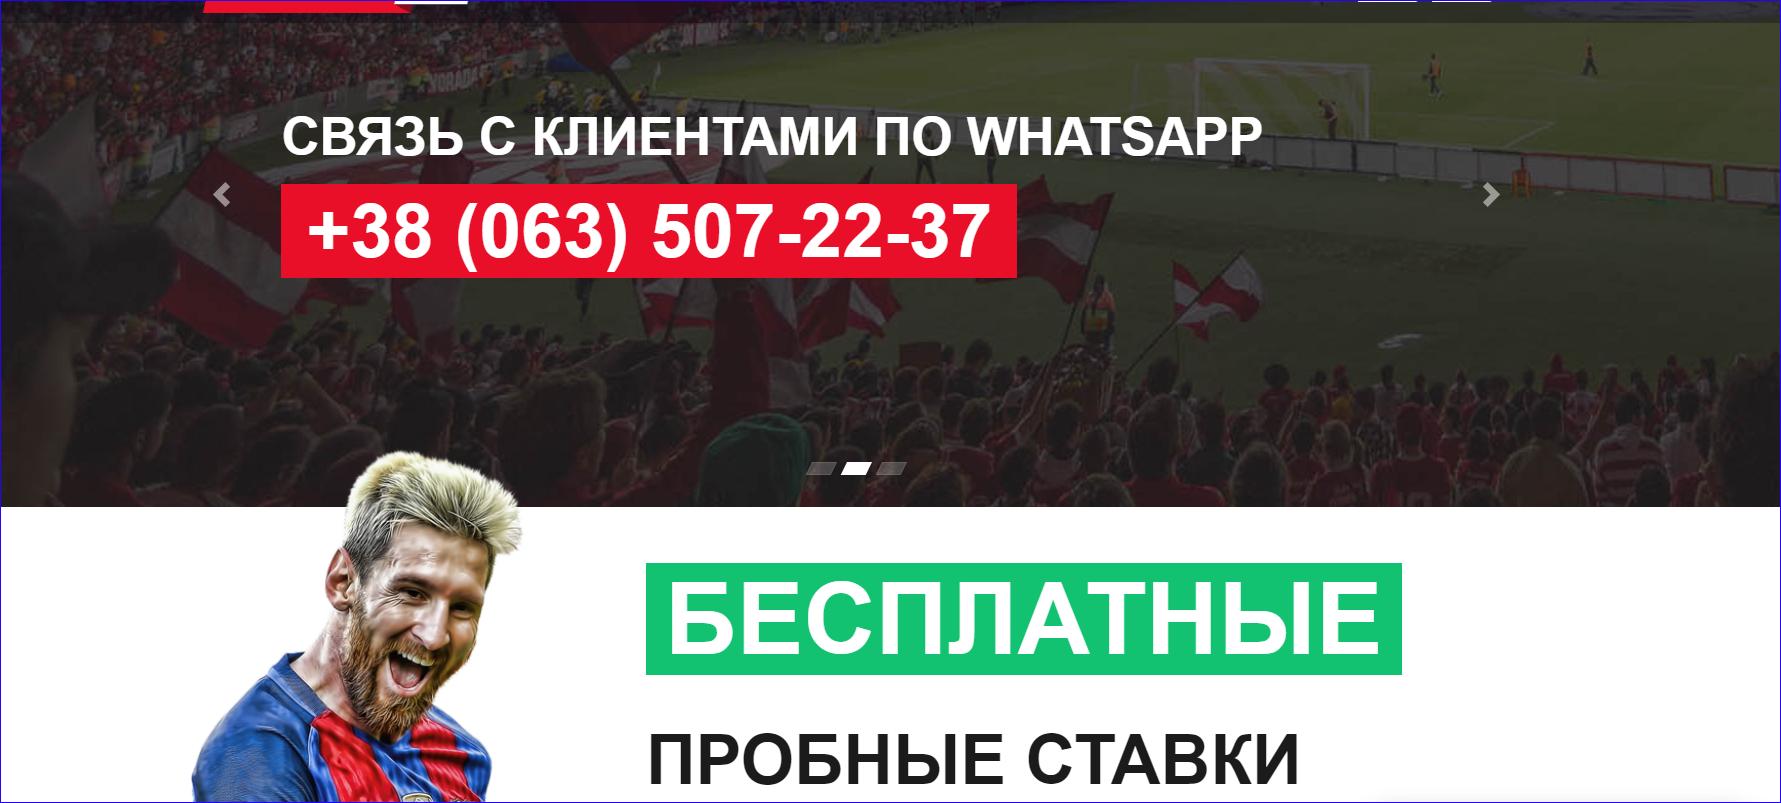 Общаться через WhatsApp - странная идея